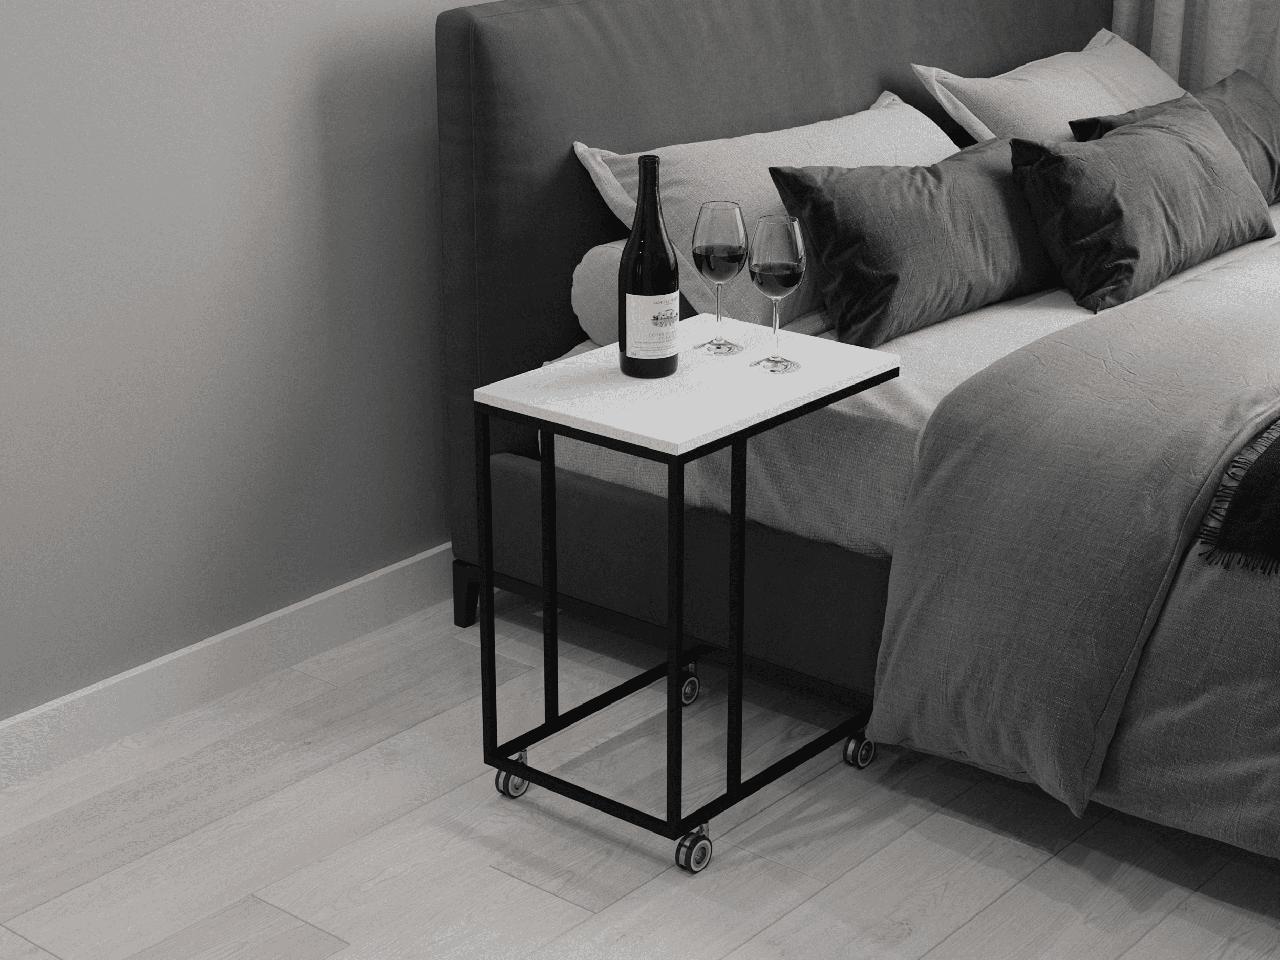 Журнальный столик на колесиках, прикроватный столик лофт